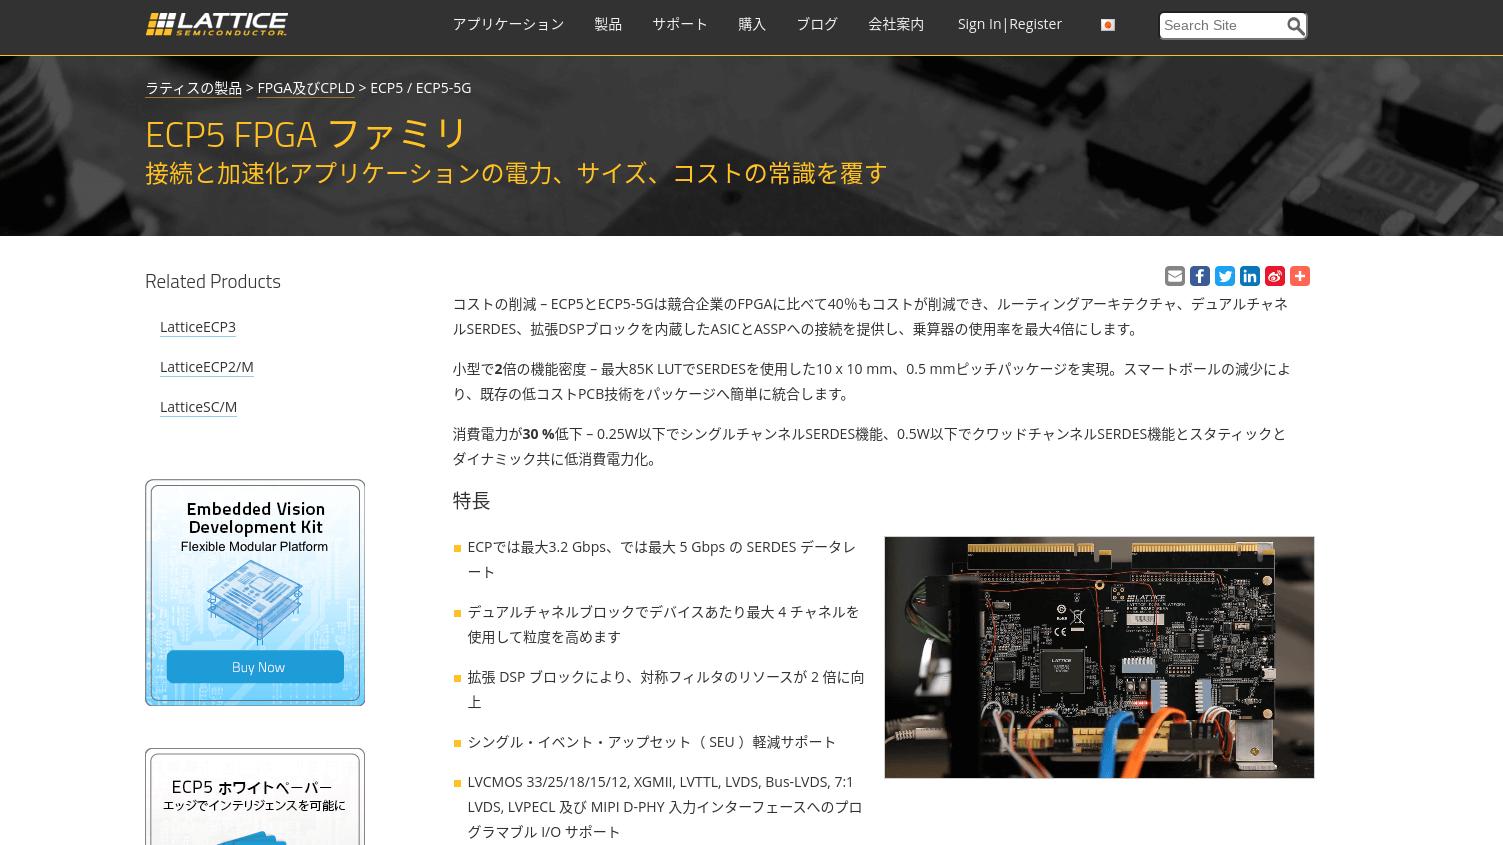 ECP5 FPGA ファミリ